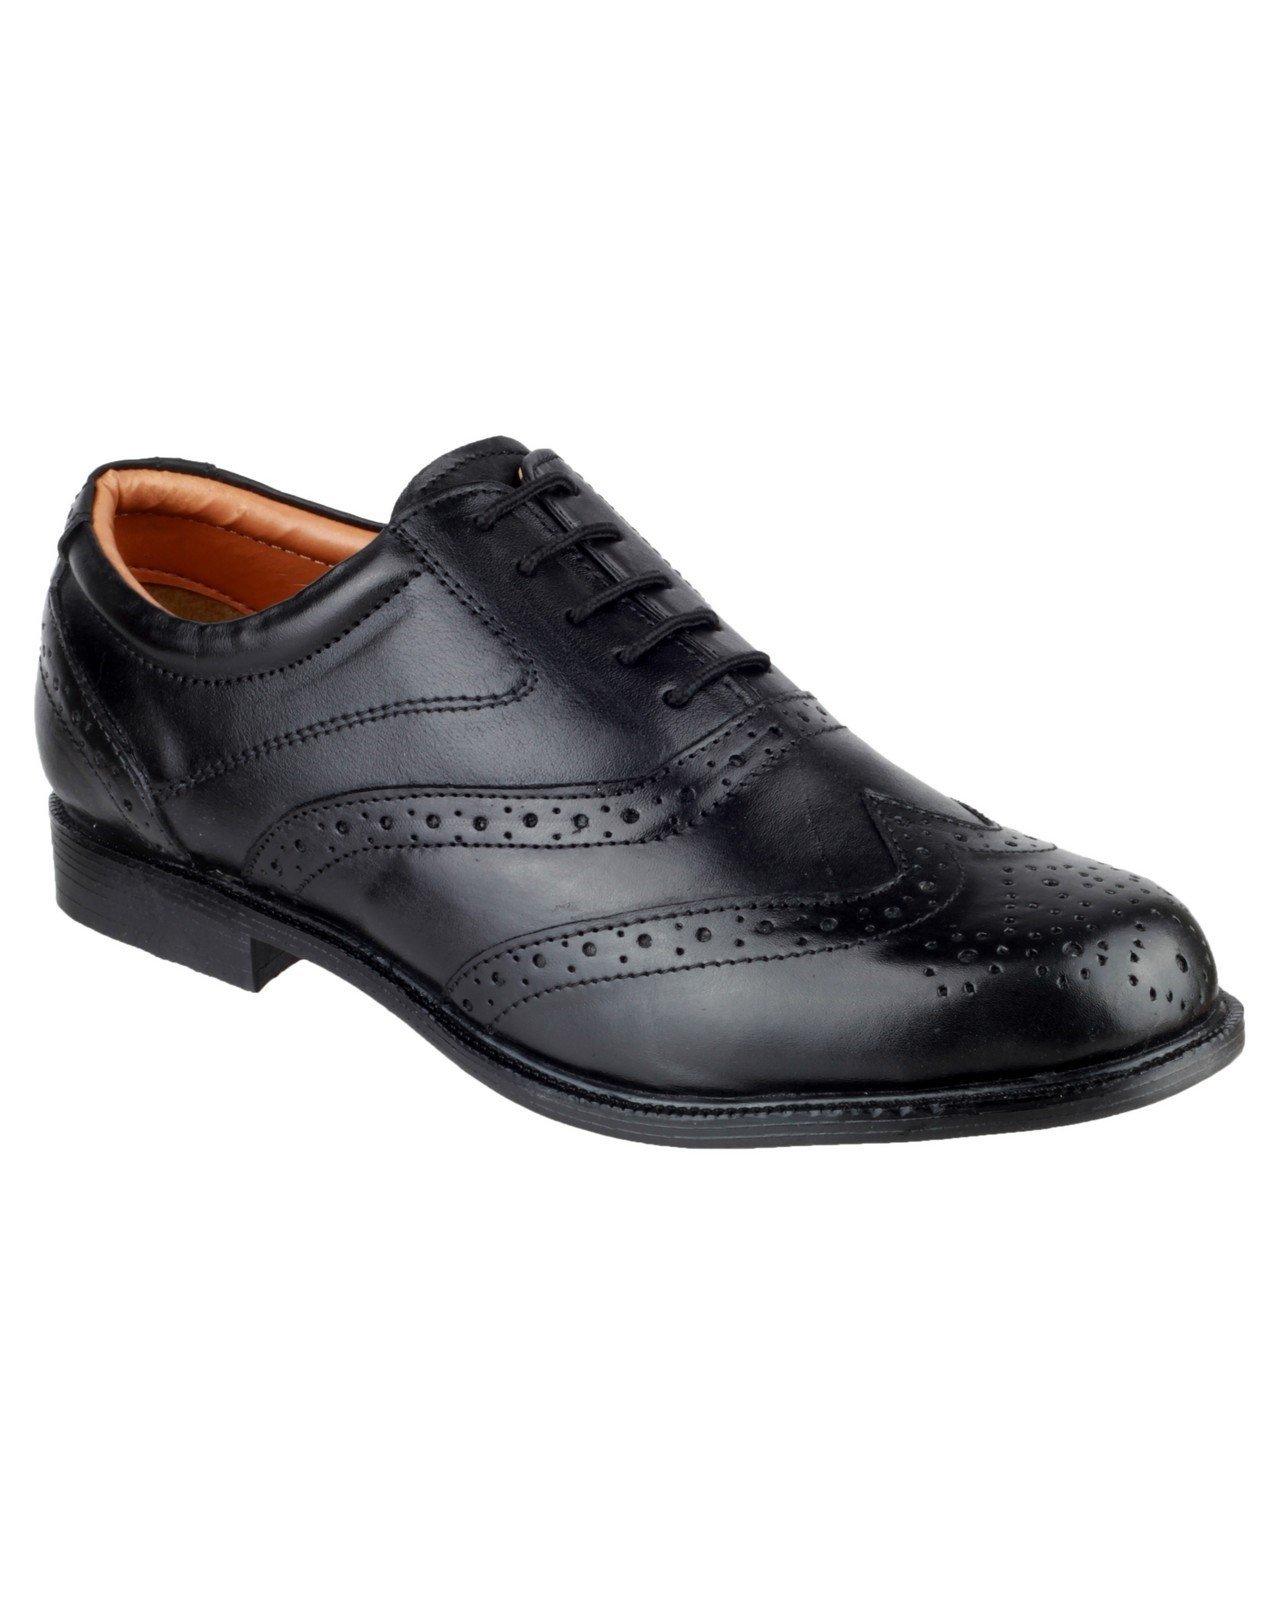 Amblers Men's Liverpool Oxford Brogue Black 11762 - Black 6